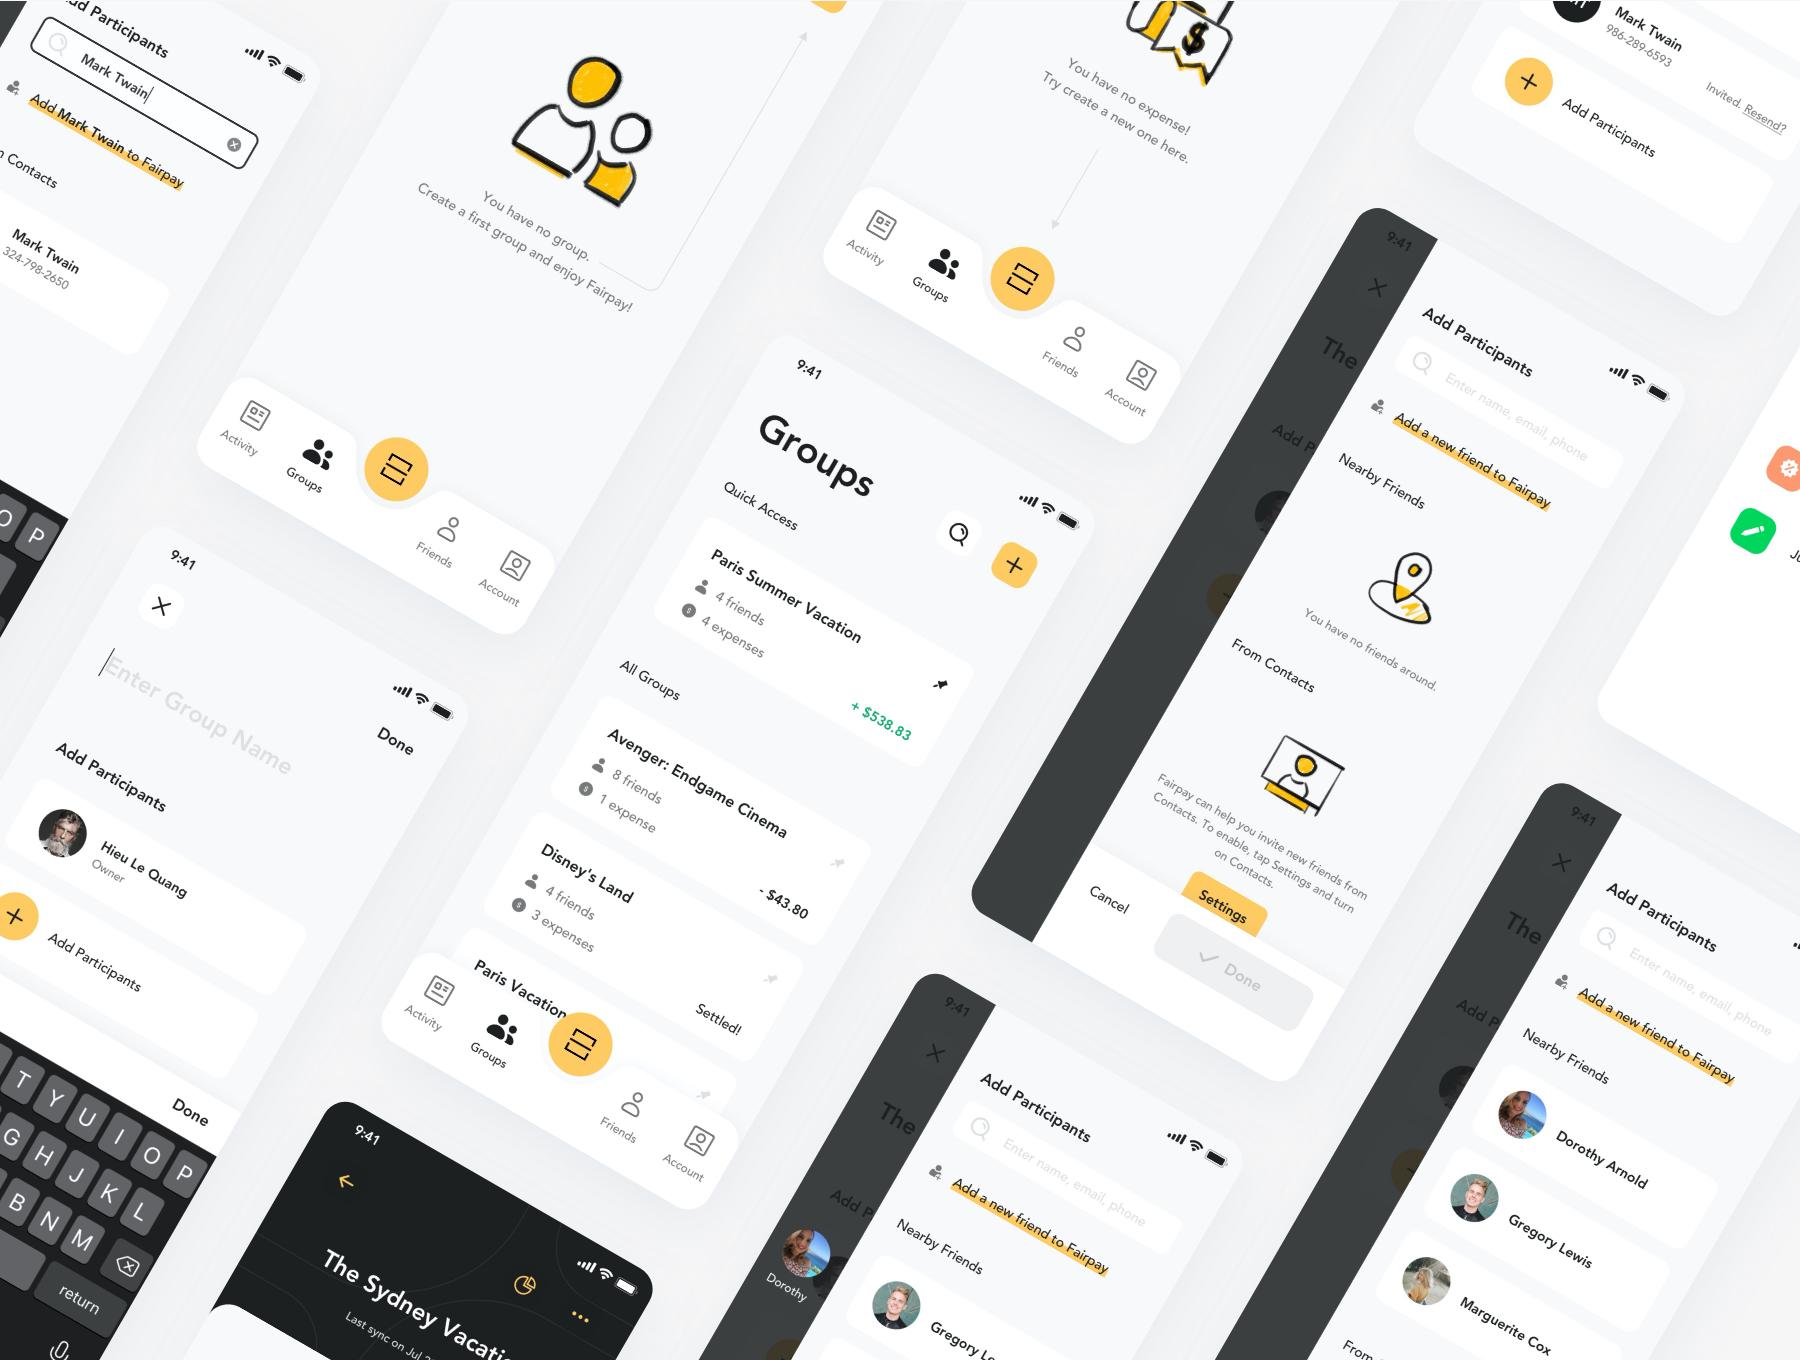 货币金融财务账单管理APP应用设计UI套件 Fairpay – Split Bill App UI Kit插图(5)